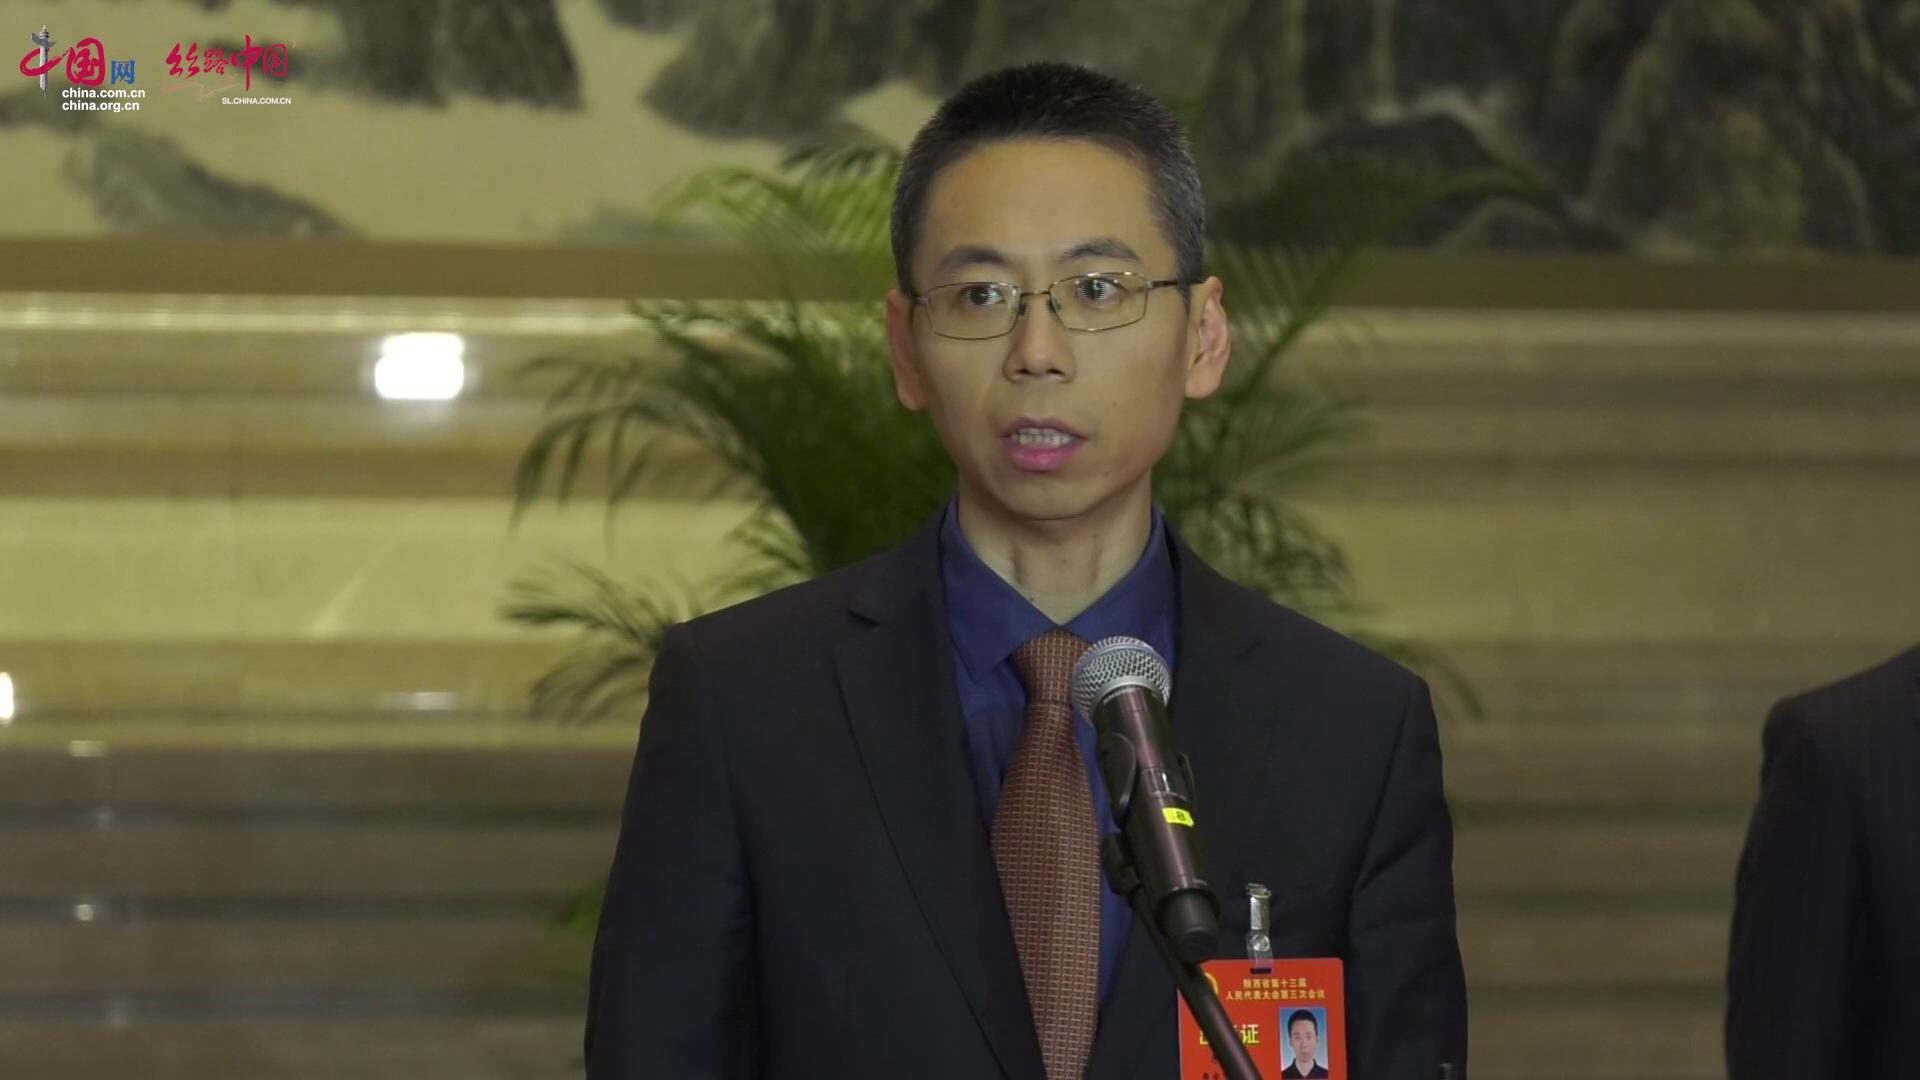 """【视频】米磊:紧抓""""硬科技""""发展机遇,争取全国资源集聚并服务陕西"""